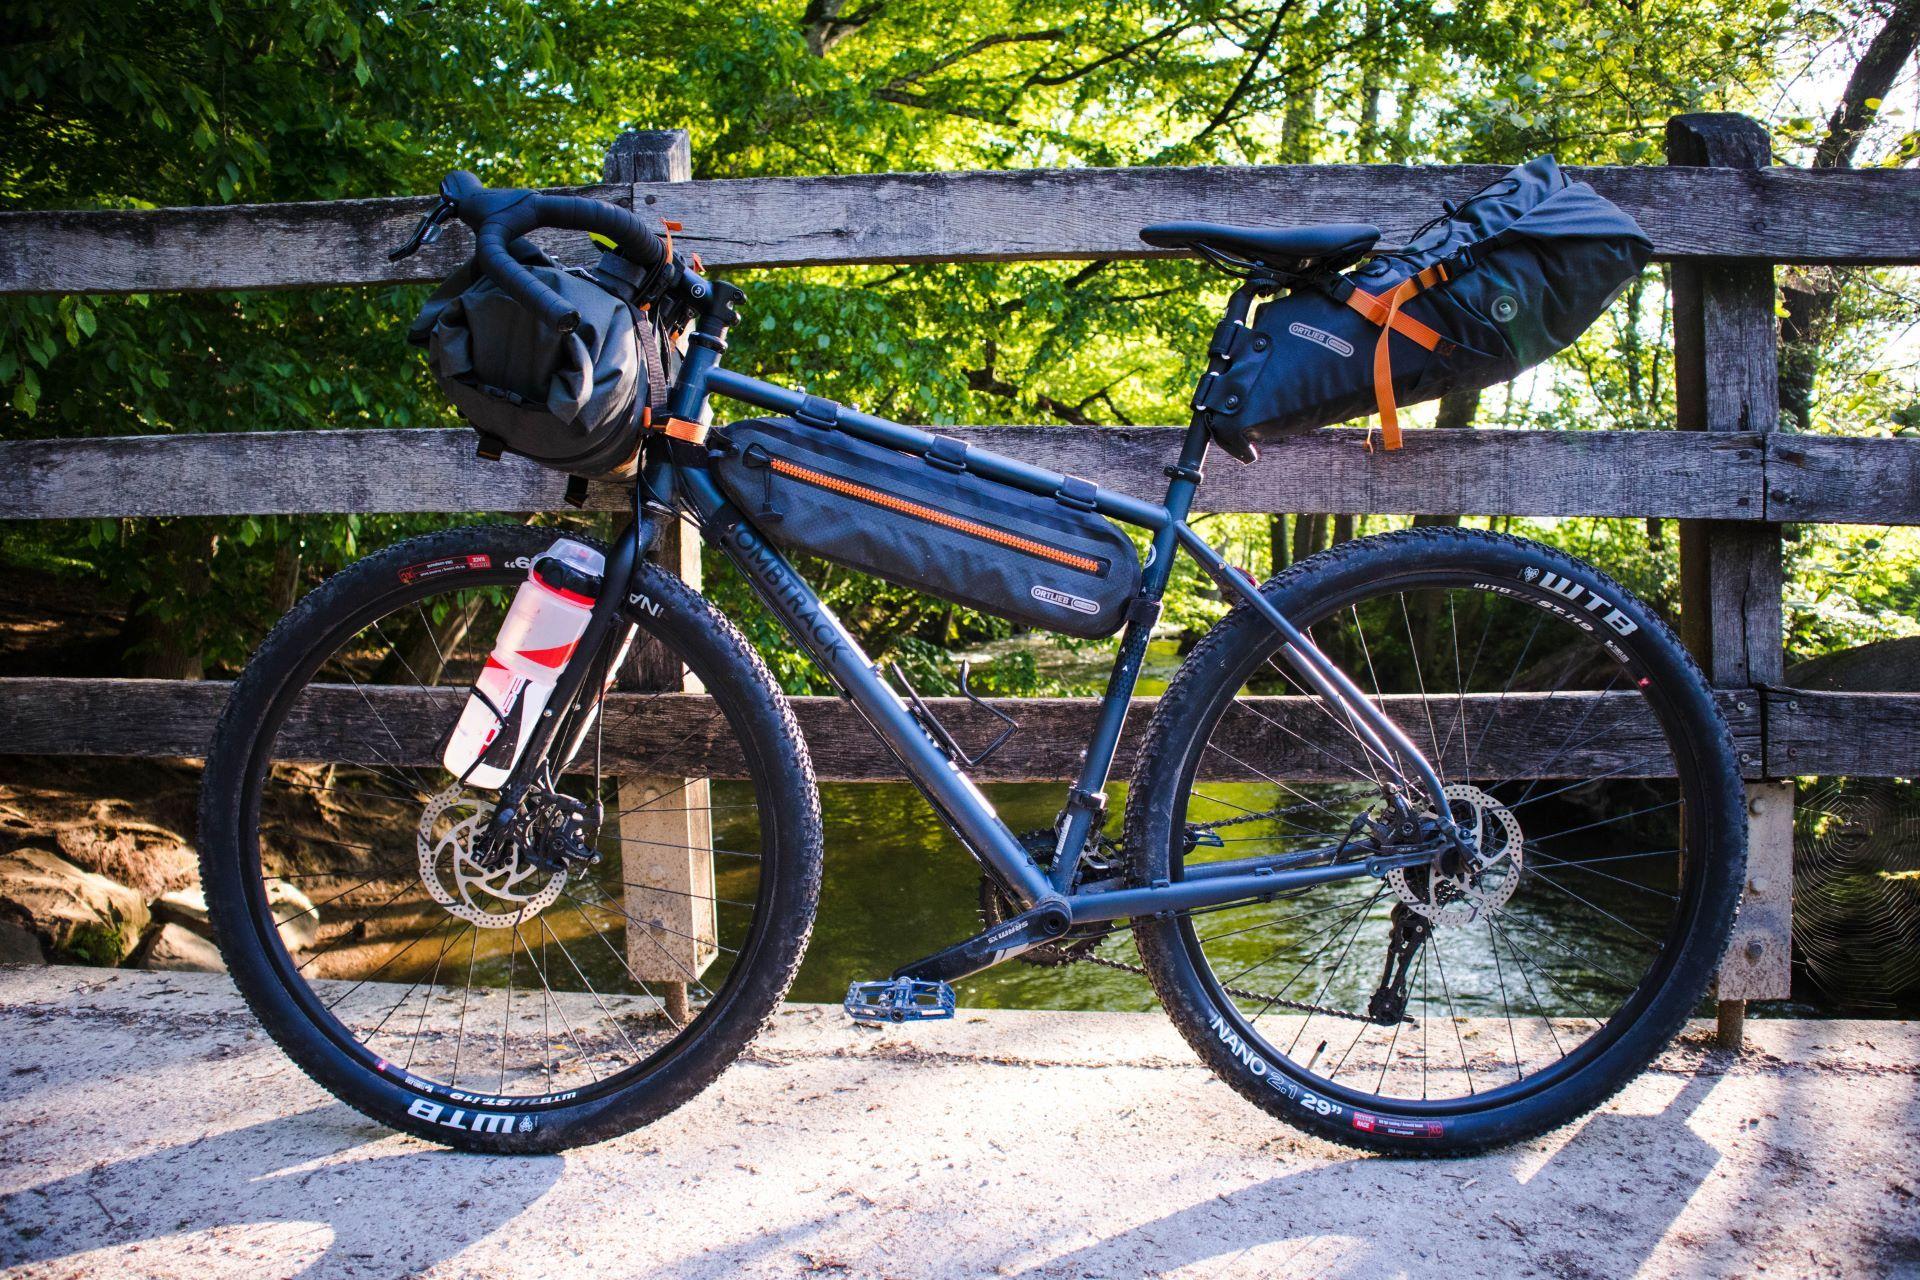 Ortlieb Bikepacking Taschen Set im Langzeit Test (Update: Neue Modelle im Praxistest)